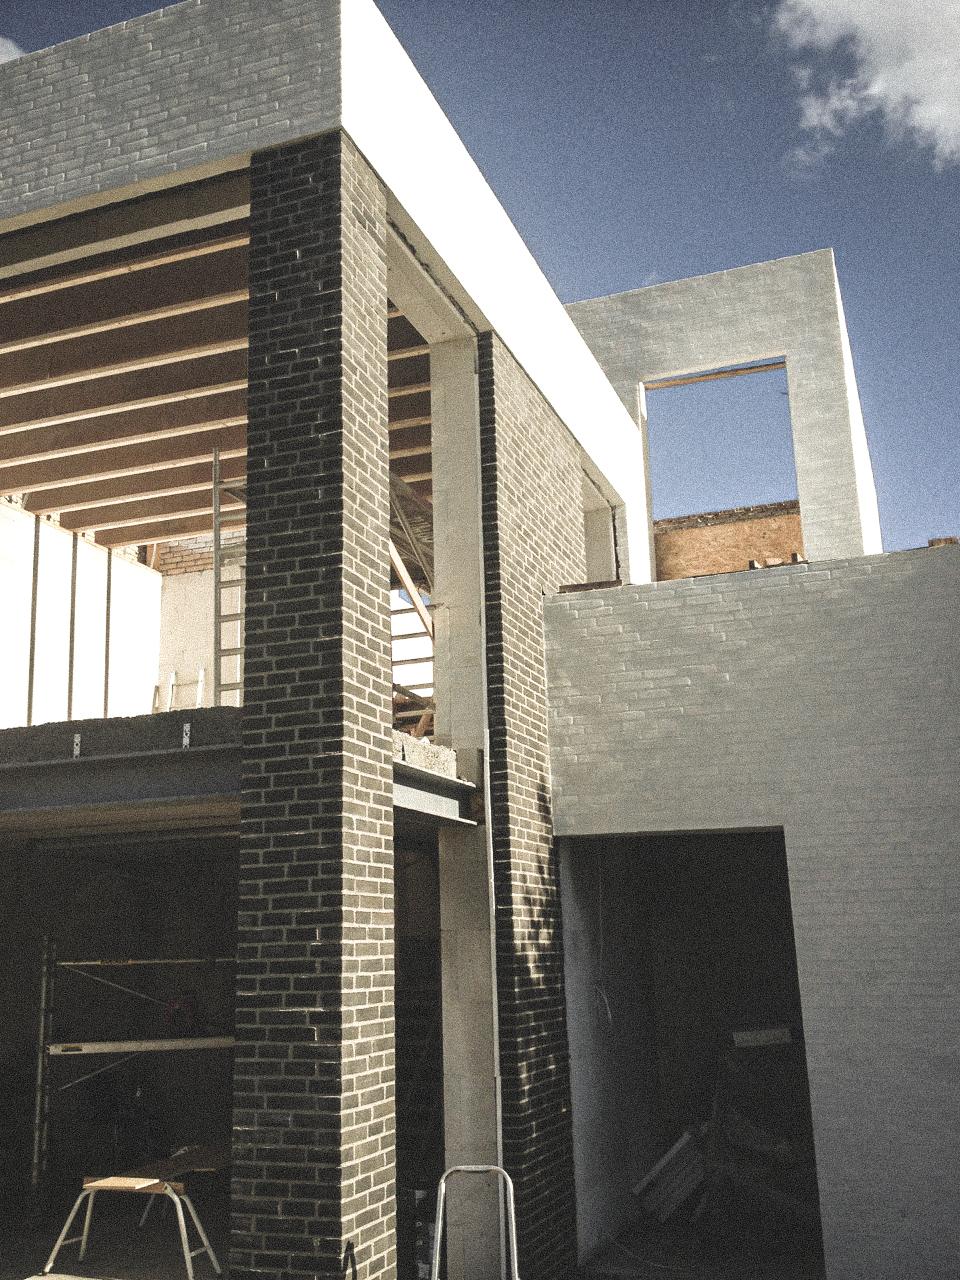 Billede af et igangværende byggeri i Vanløse, tegnet af arkitektfirmaet m2plus.